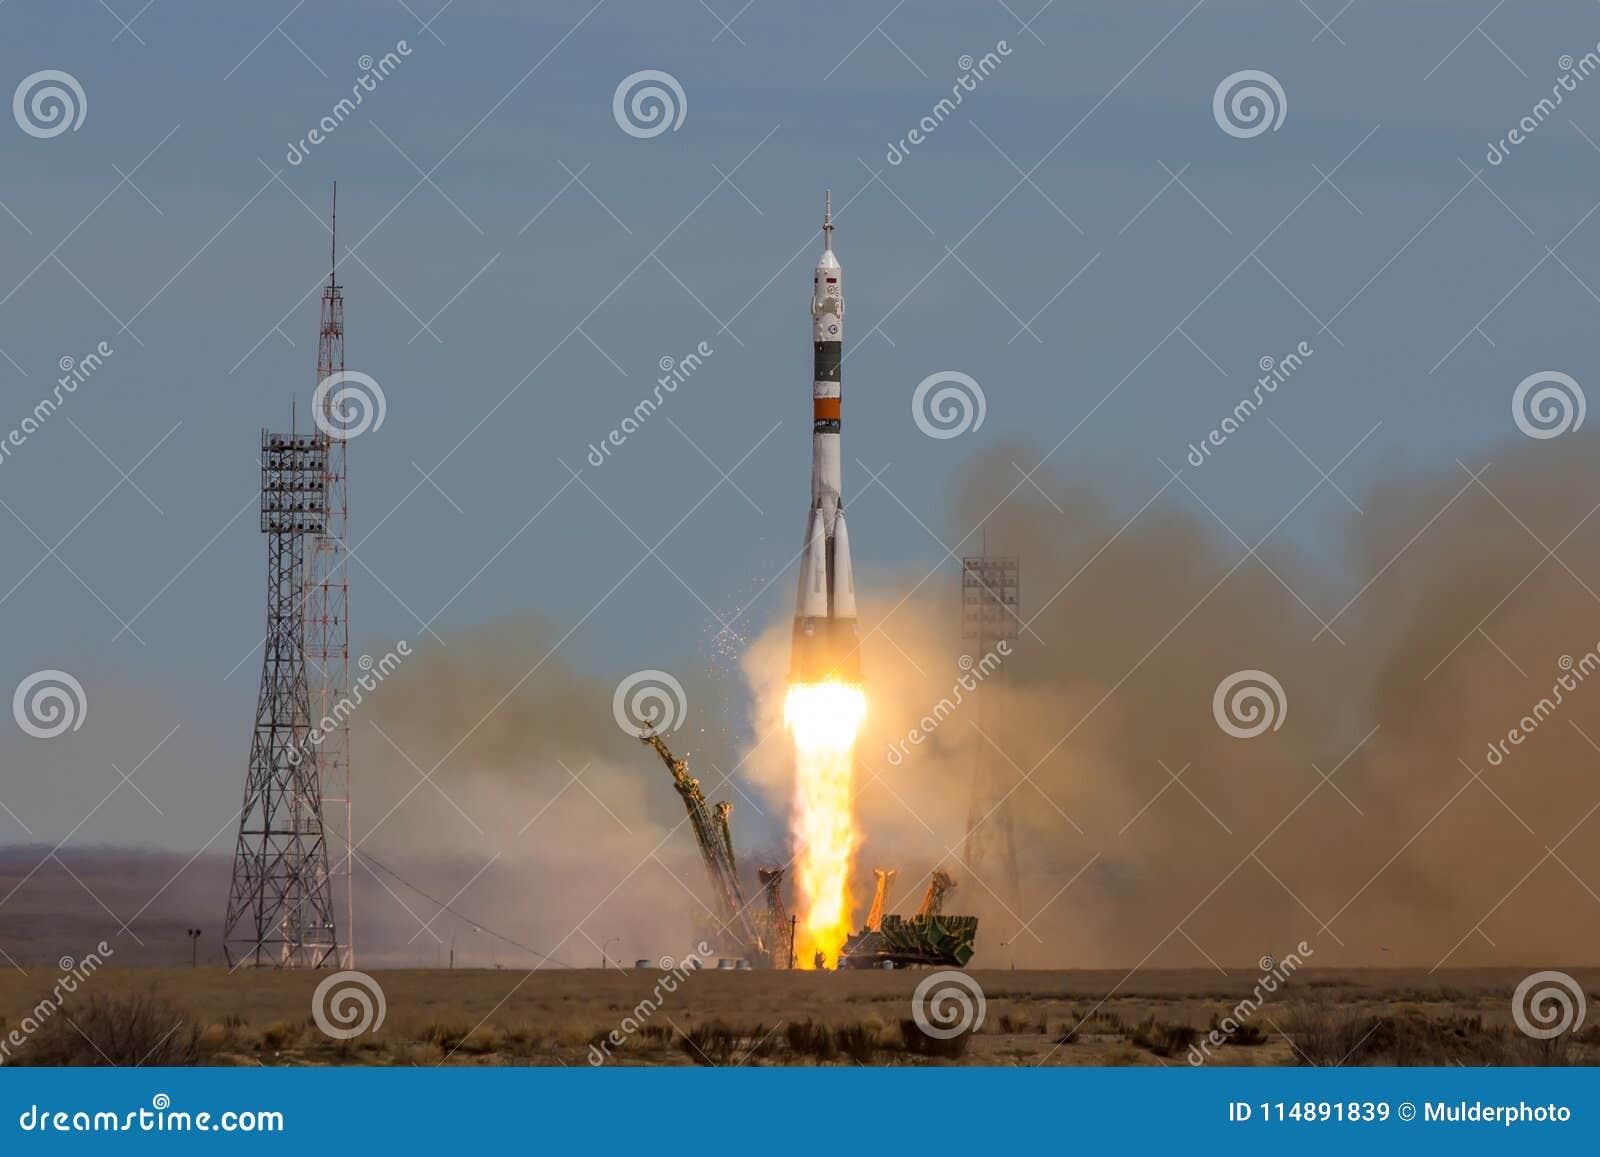 Baikonur, Kazachstan - April 20, 2017: Lancering van het ruimteschip ` Soyuz lidstaten-04 ` aan ISS met verkorte bemanning